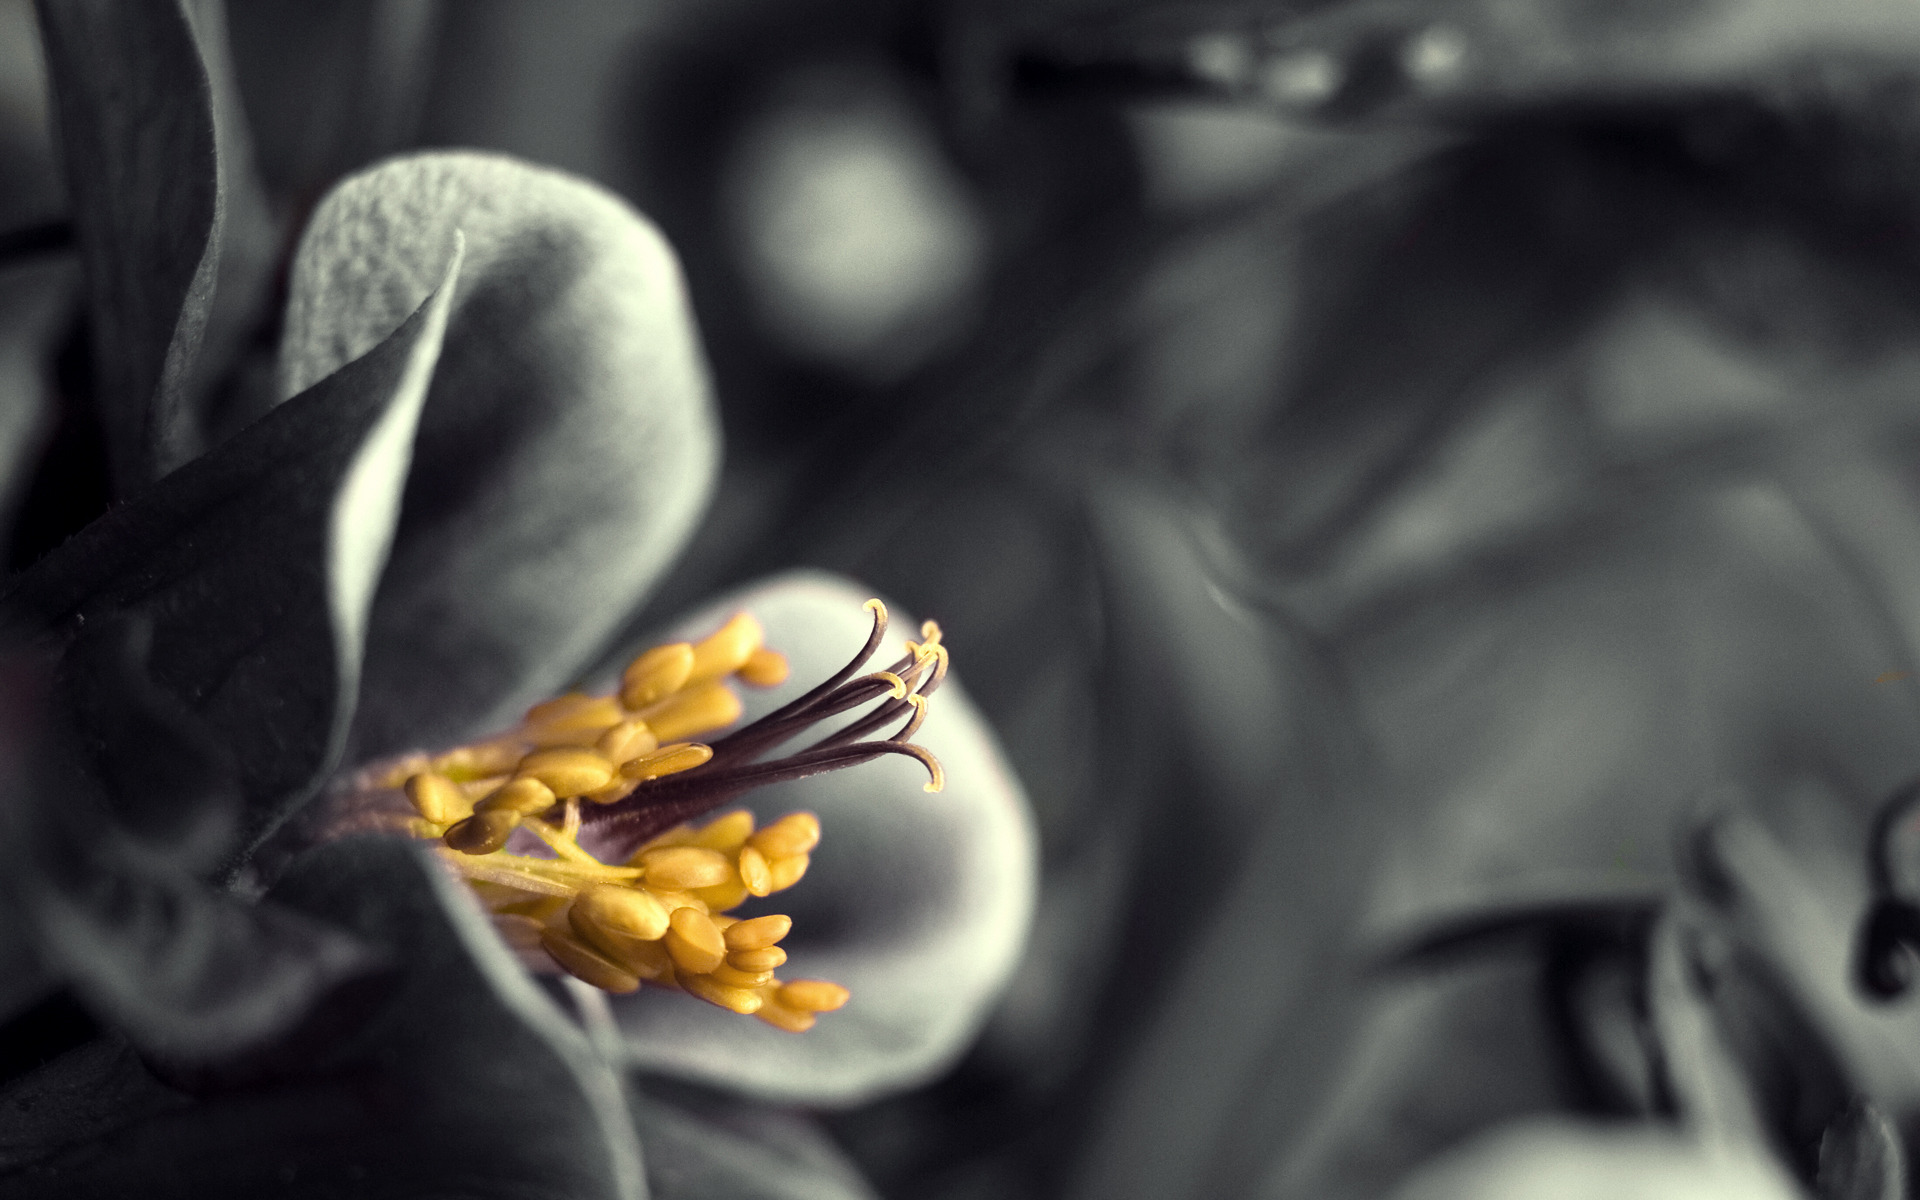 макро цветок пестик  № 3231526 бесплатно